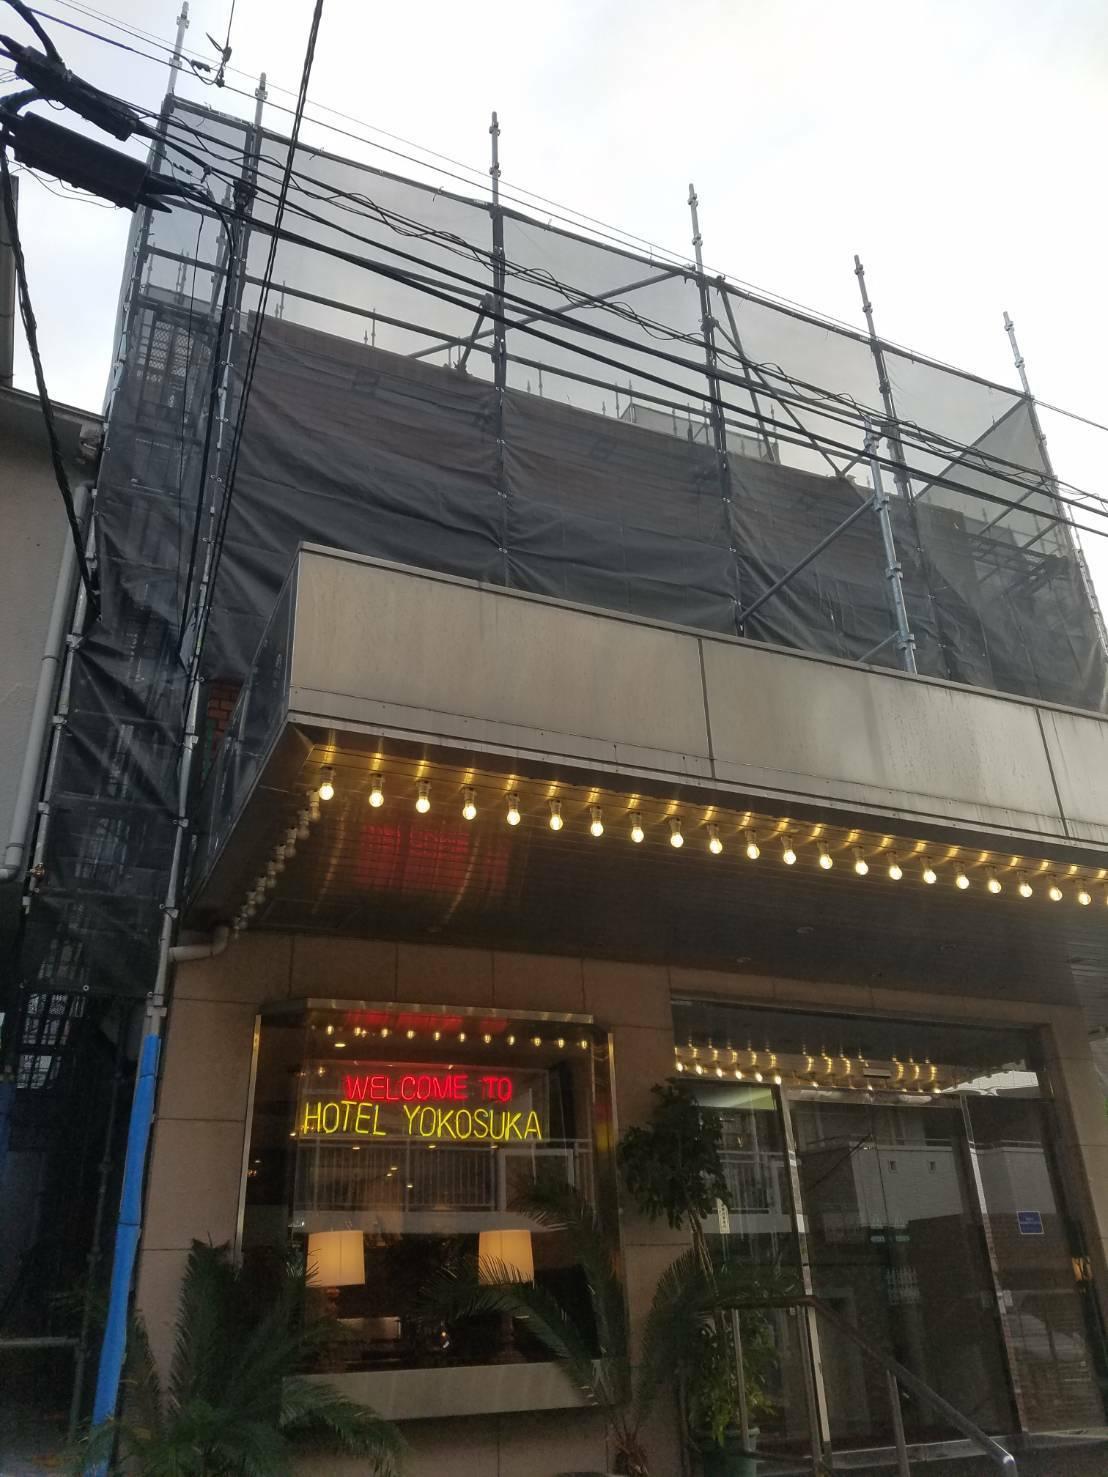 野崎工業 足場工事施工事例                  神奈川県横須賀市                                  大規模修繕工事